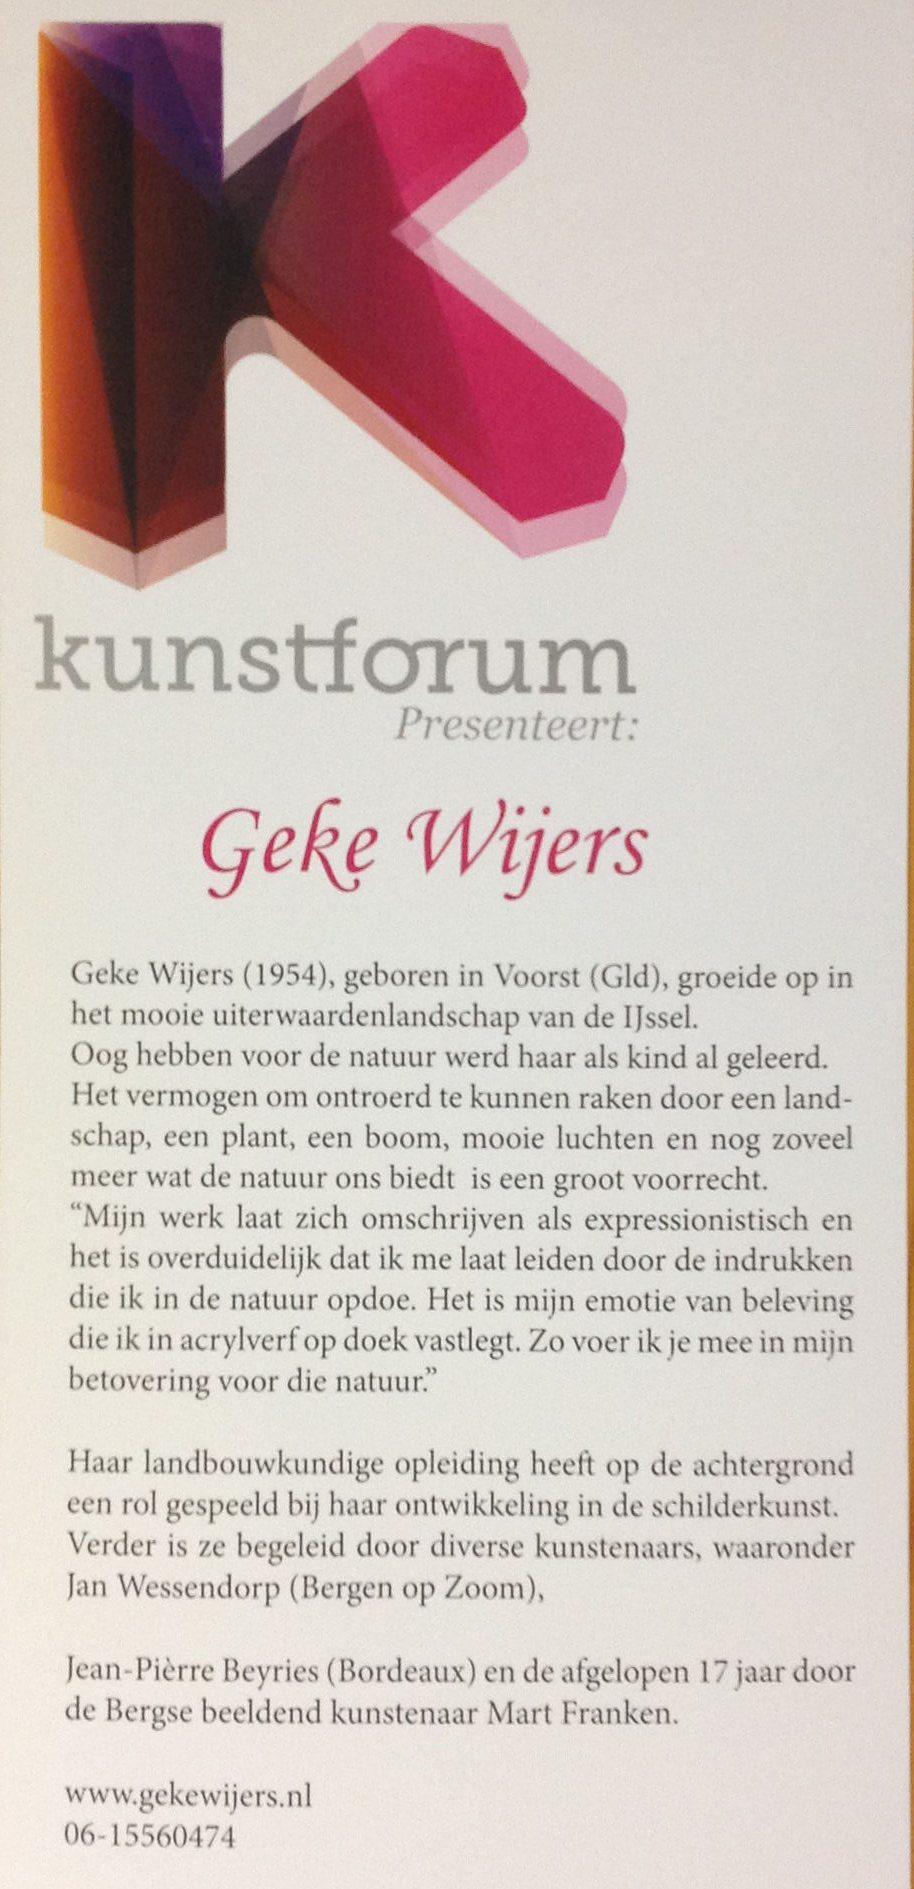 Kunstforum -  Bergen op Zoom